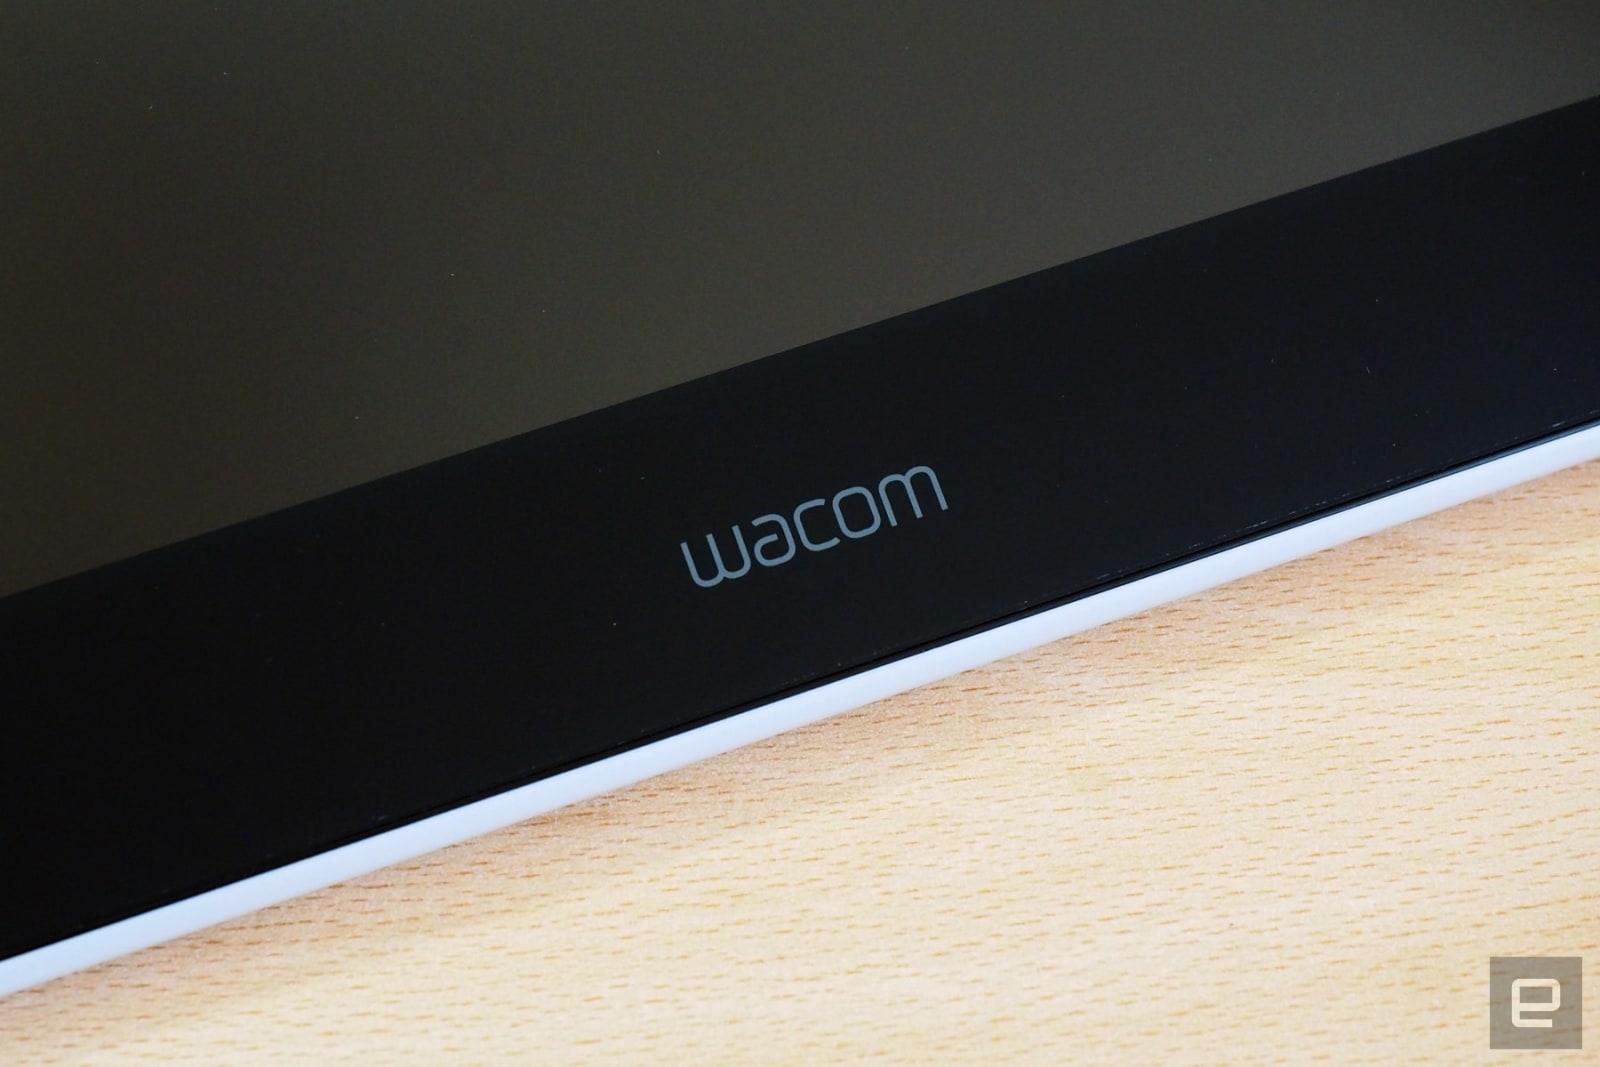 Wacom One